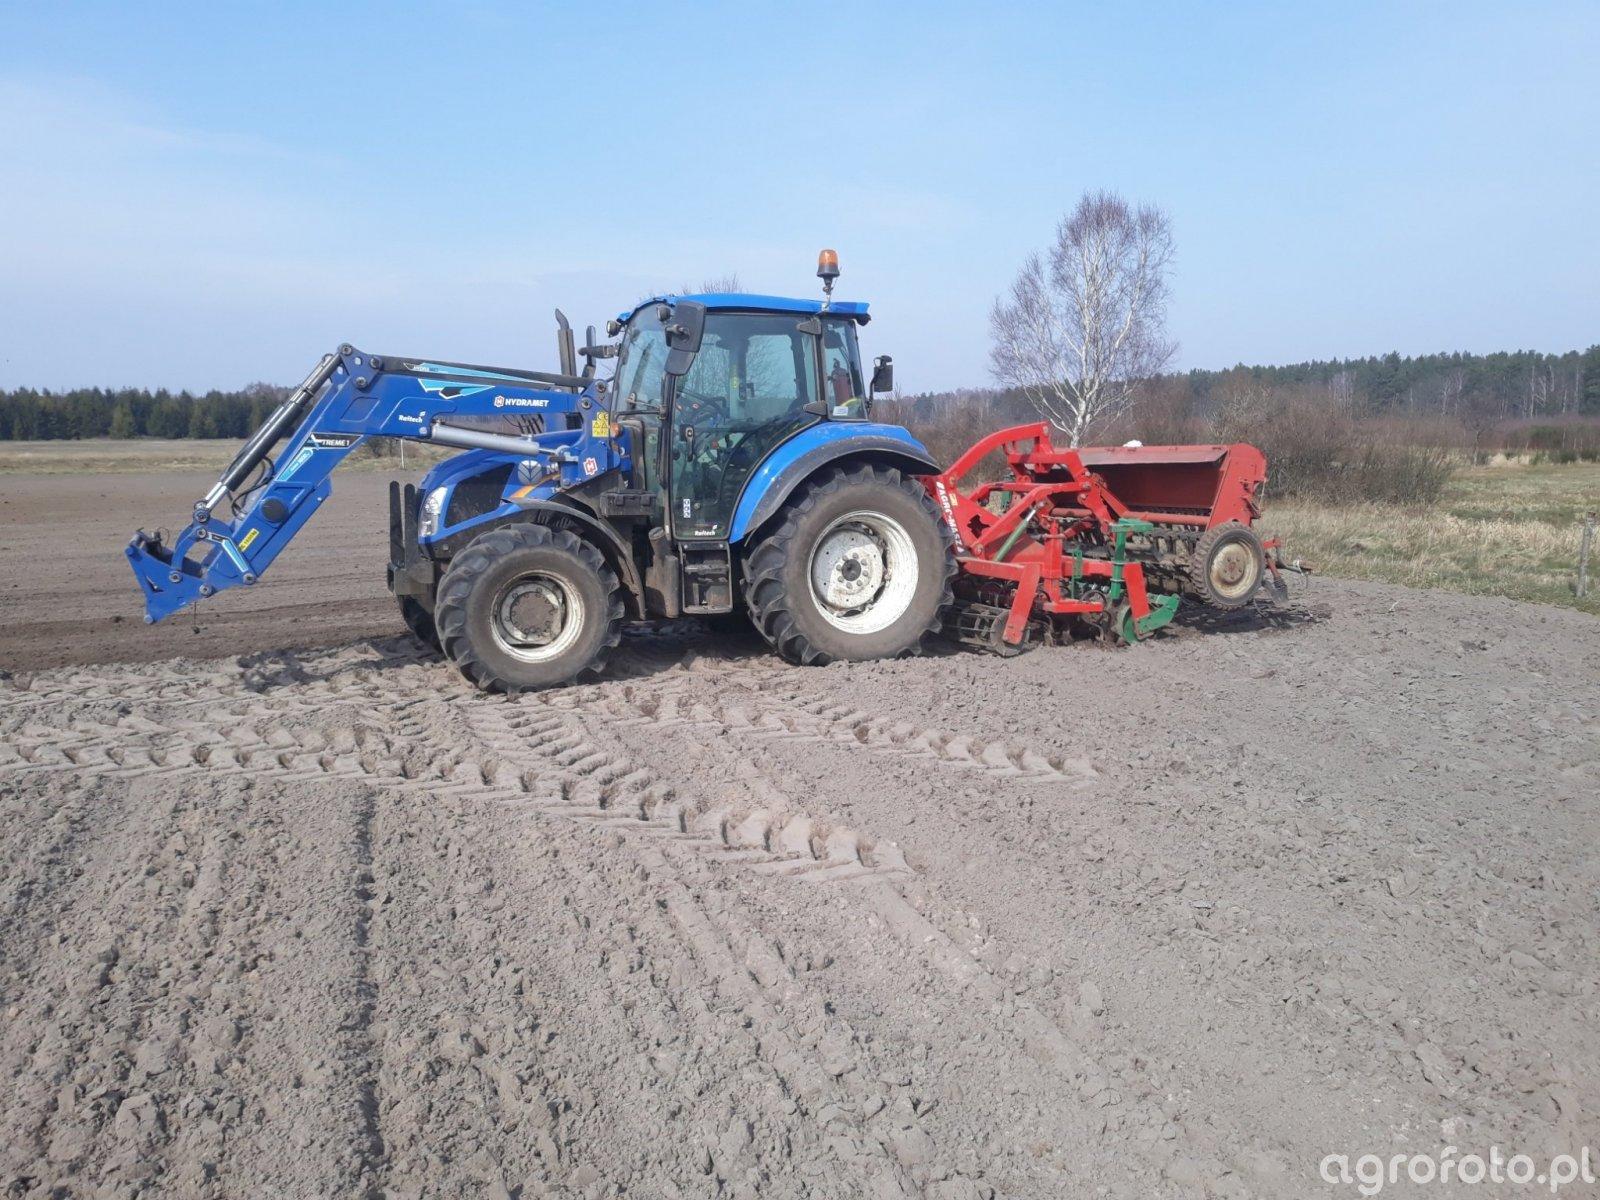 New Holland t4.75 i zestaw uprawowo-siewny 2,5m